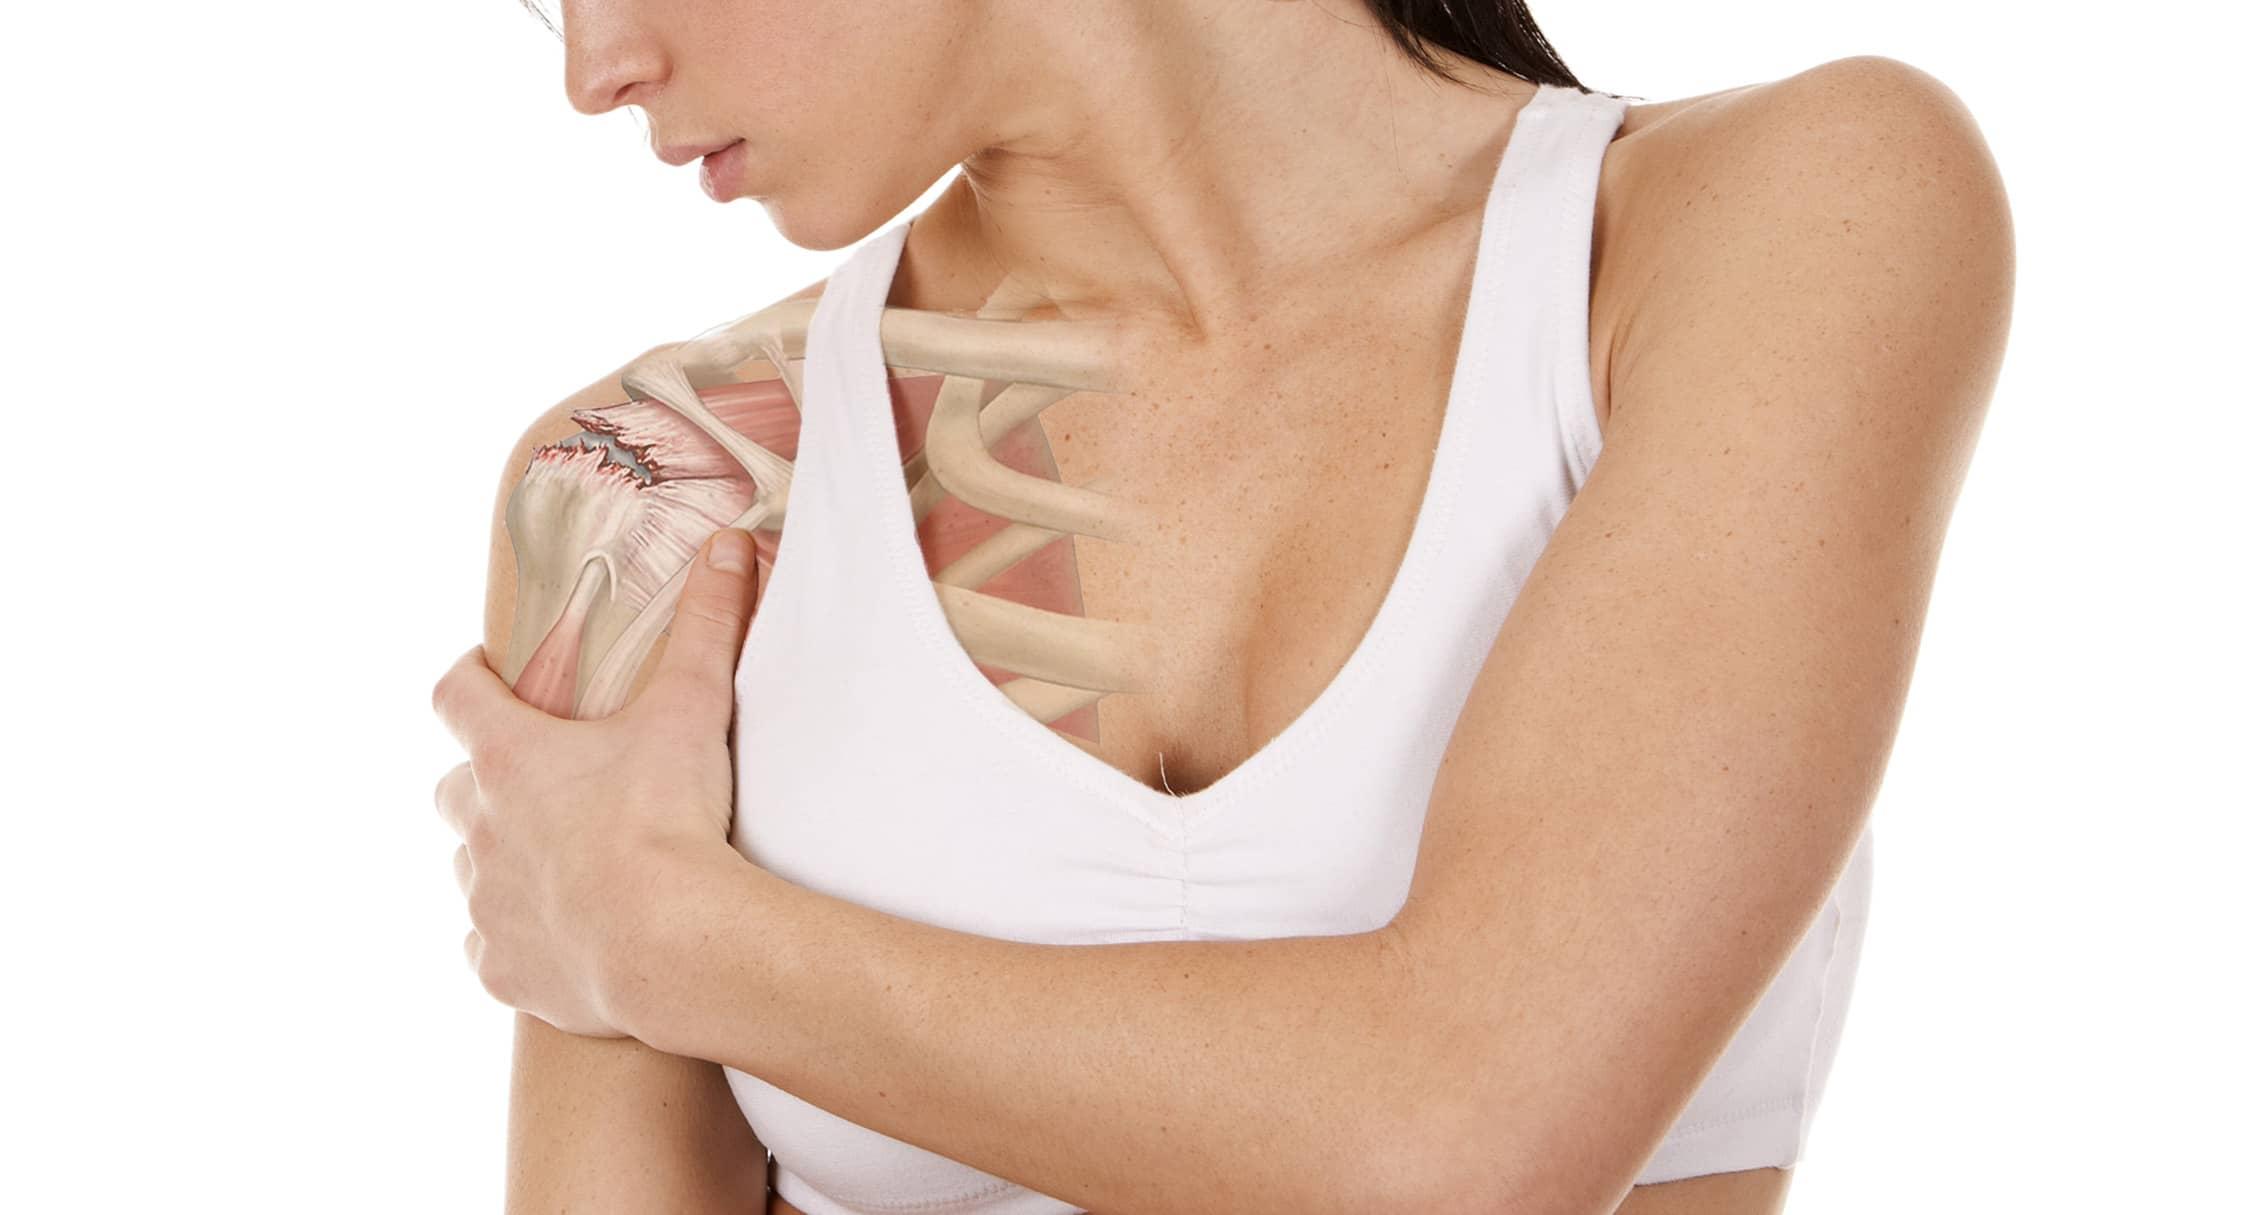 Los medios para el ajuste del aumento del pecho